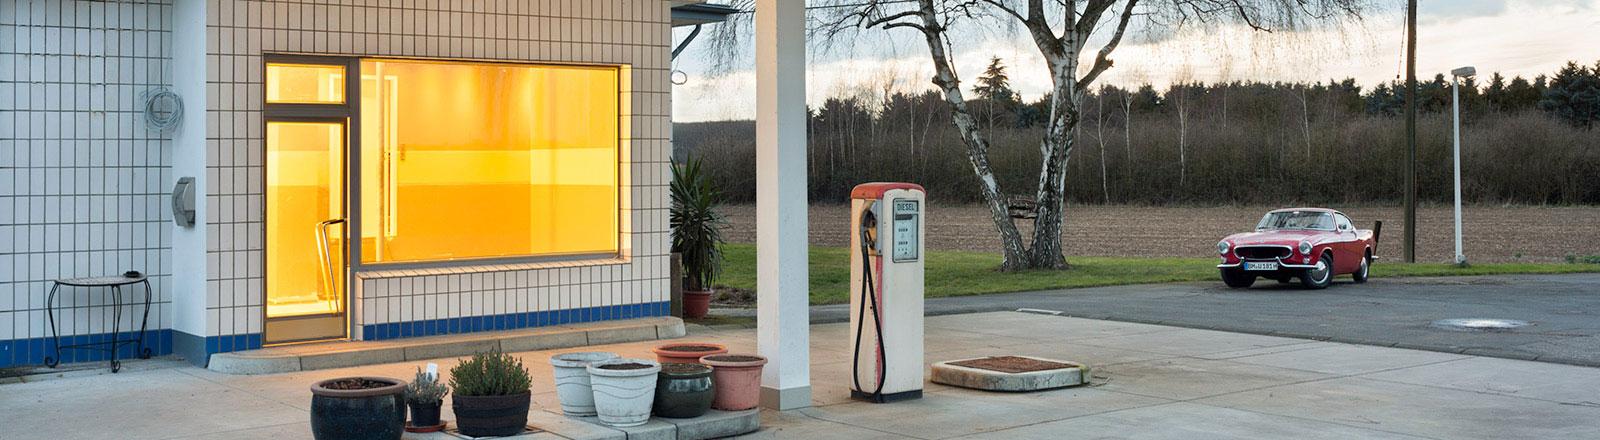 beleuchtete Tankstelle, Oldtimer im Hintergrund